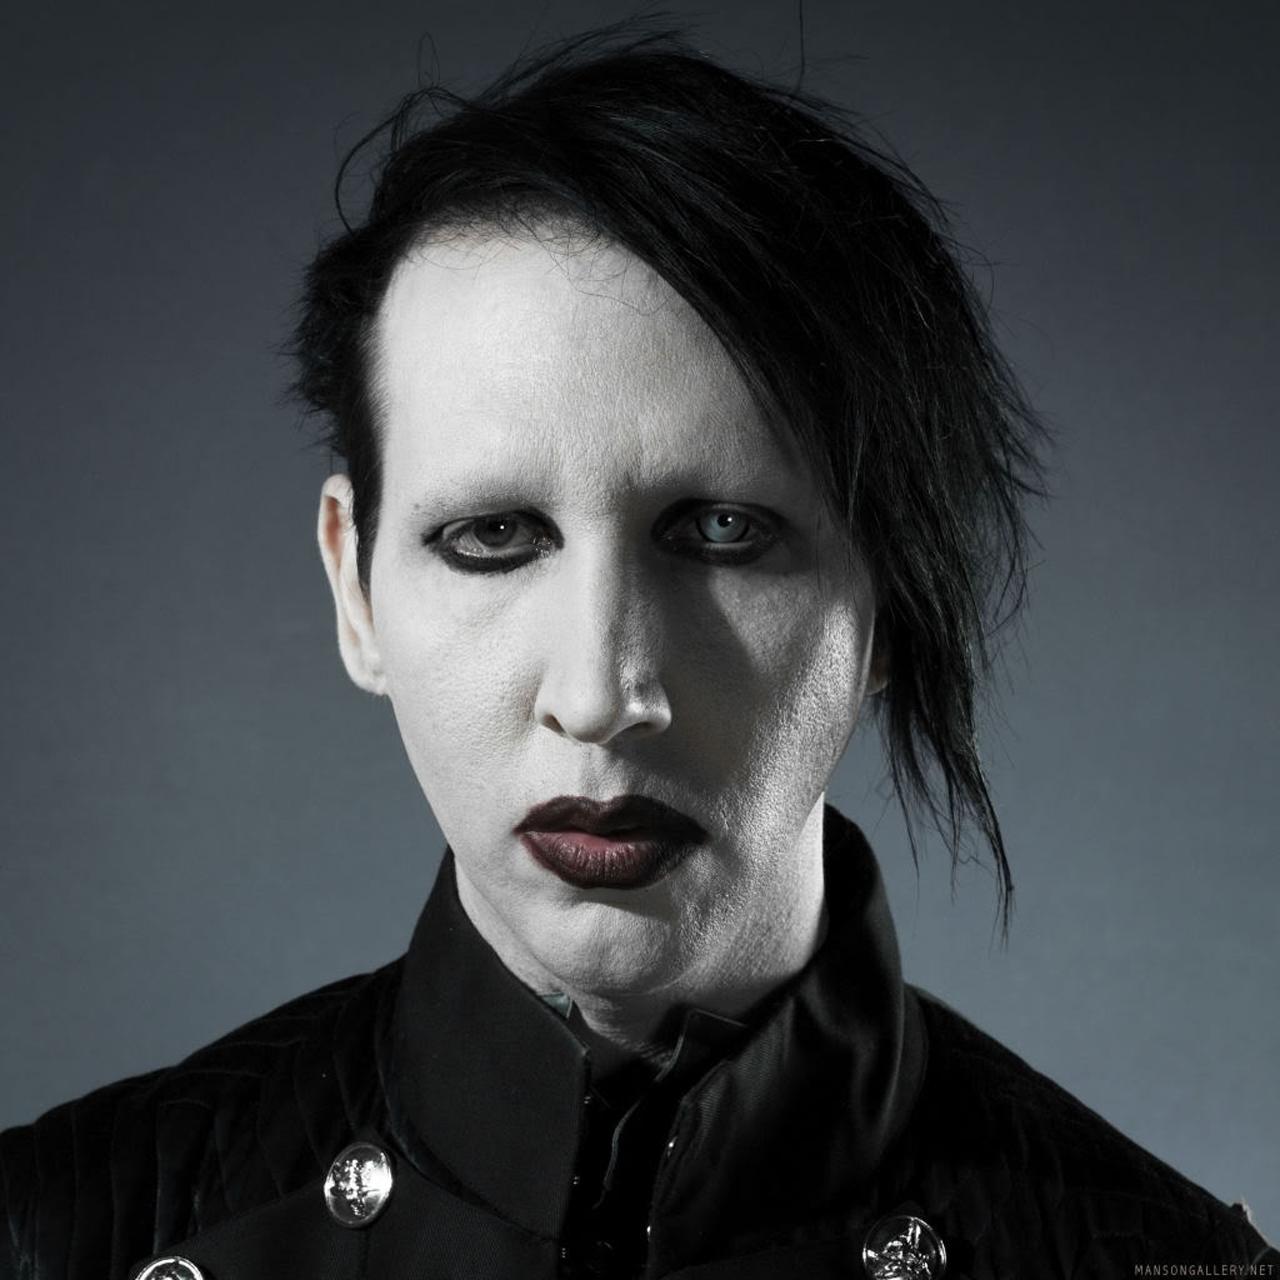 Manson Marilyn